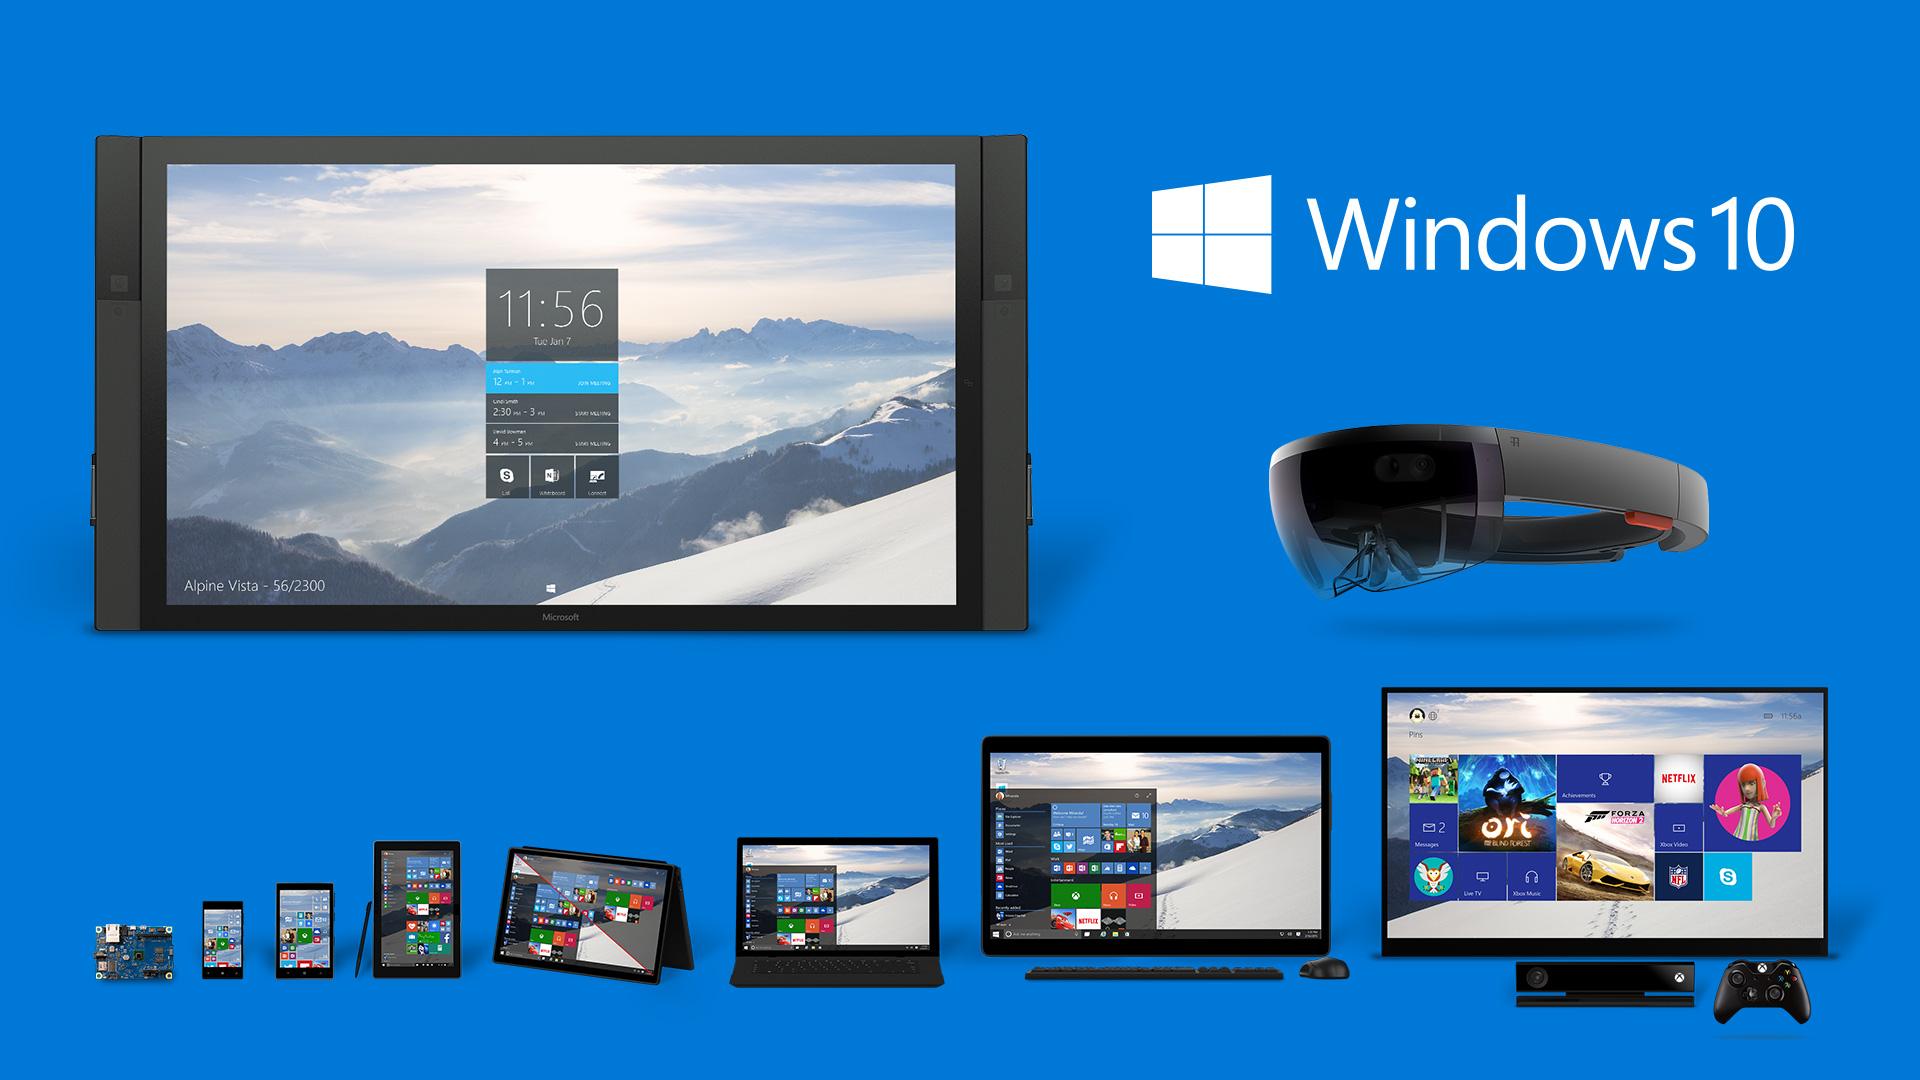 Windows 10 va fi disponibil din 29 iulie. Cei care au Windows 7 sau 8.1 vor putea face update gratuit